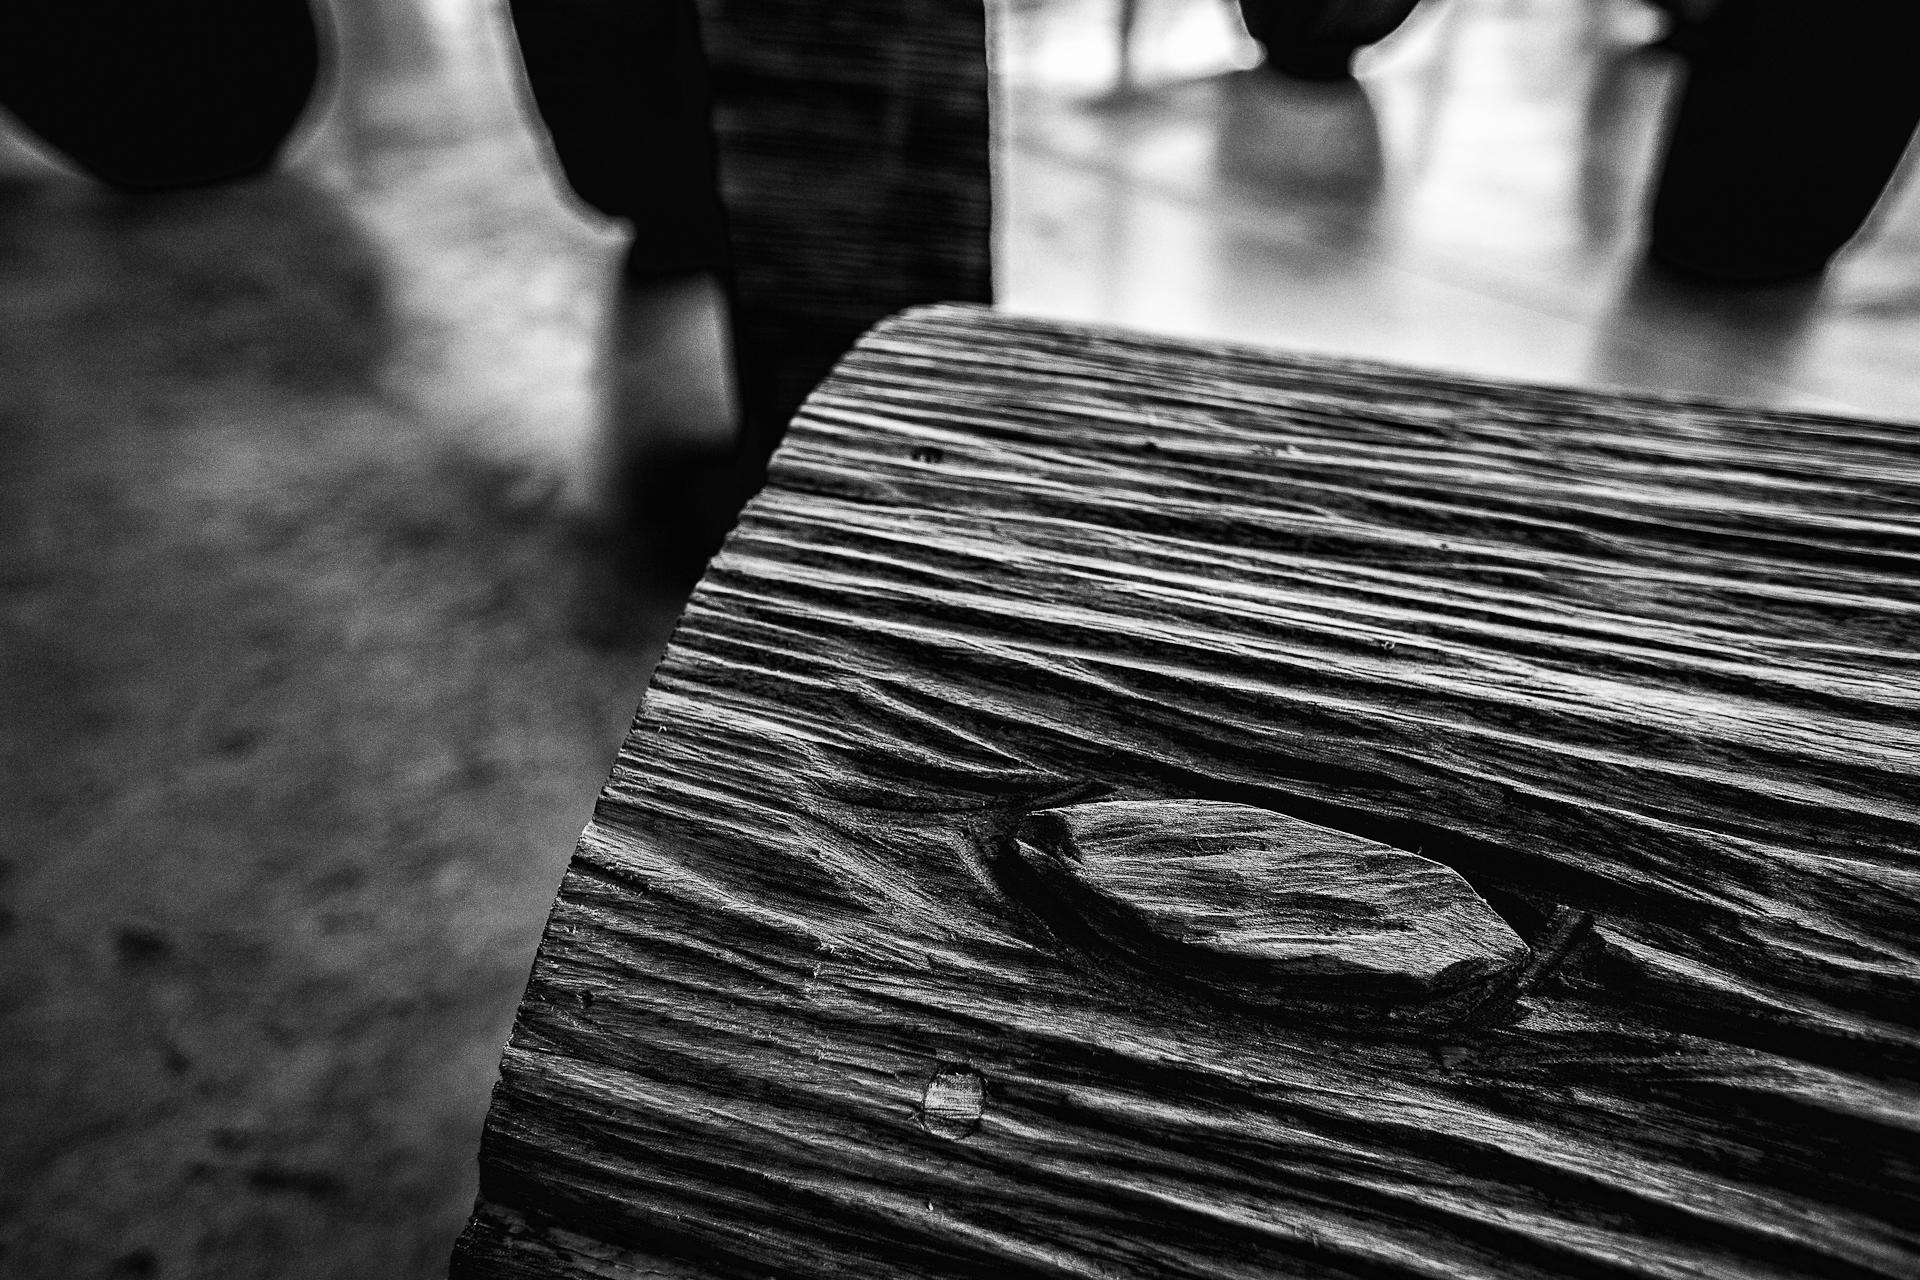 Fotografia-Photography-Alberto-Carneiro-Escultura-Sculpture-Bronze-Madeira-Wood-Basalto-Basalt-Fabrica-Santo-Thyrso-Texturas-Textures-Parcial-Partial-bonjourmolotov-Andre-Gigante-24